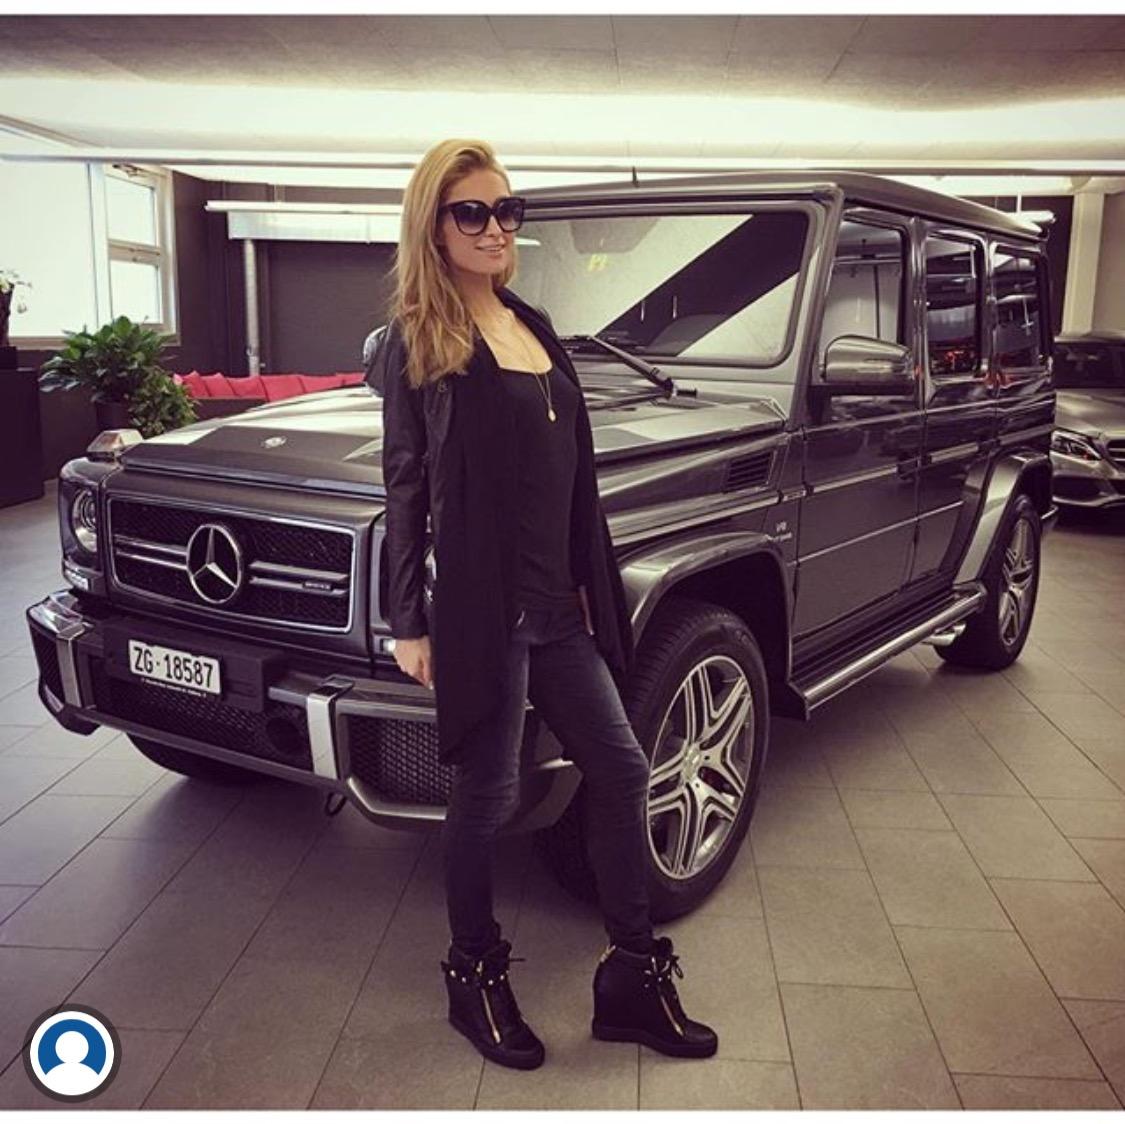 Mercedes G550 For Sale >> Paris Hilton Gets a Surprise Mercedes G Wagon AMG | Celebrity Cars Blog